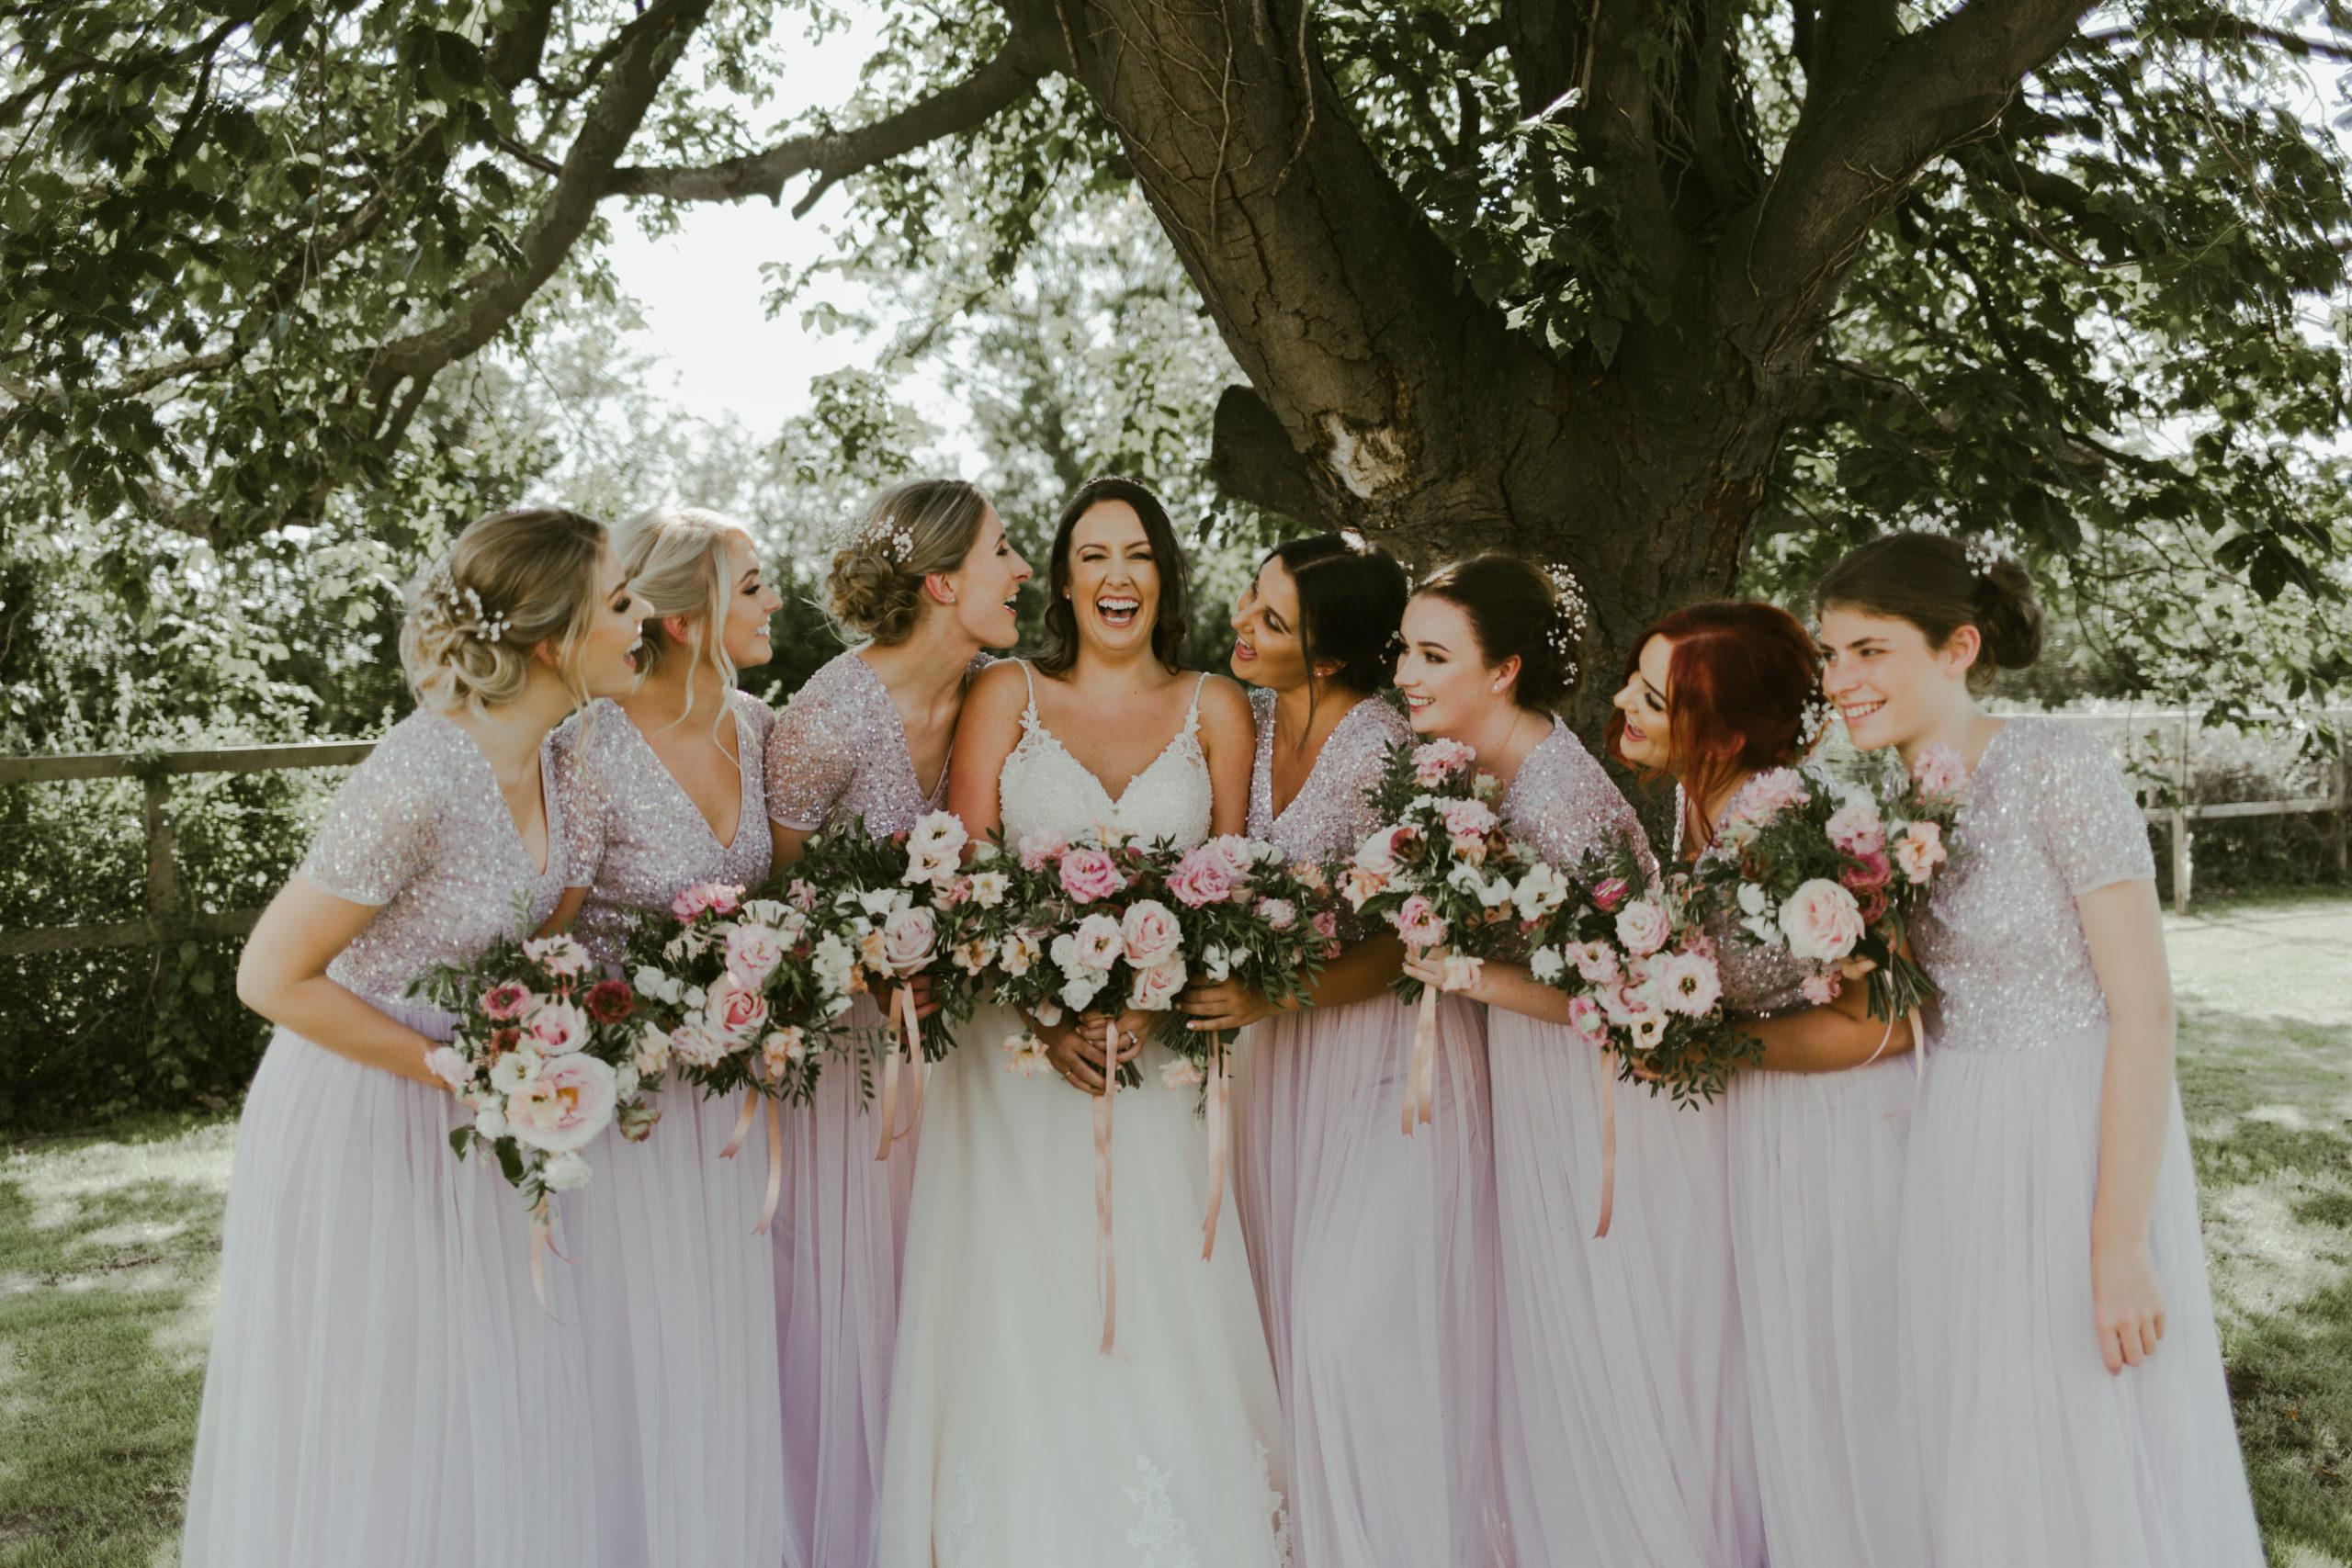 summer back garden wedding marquee bridal party group photos bridesmaids